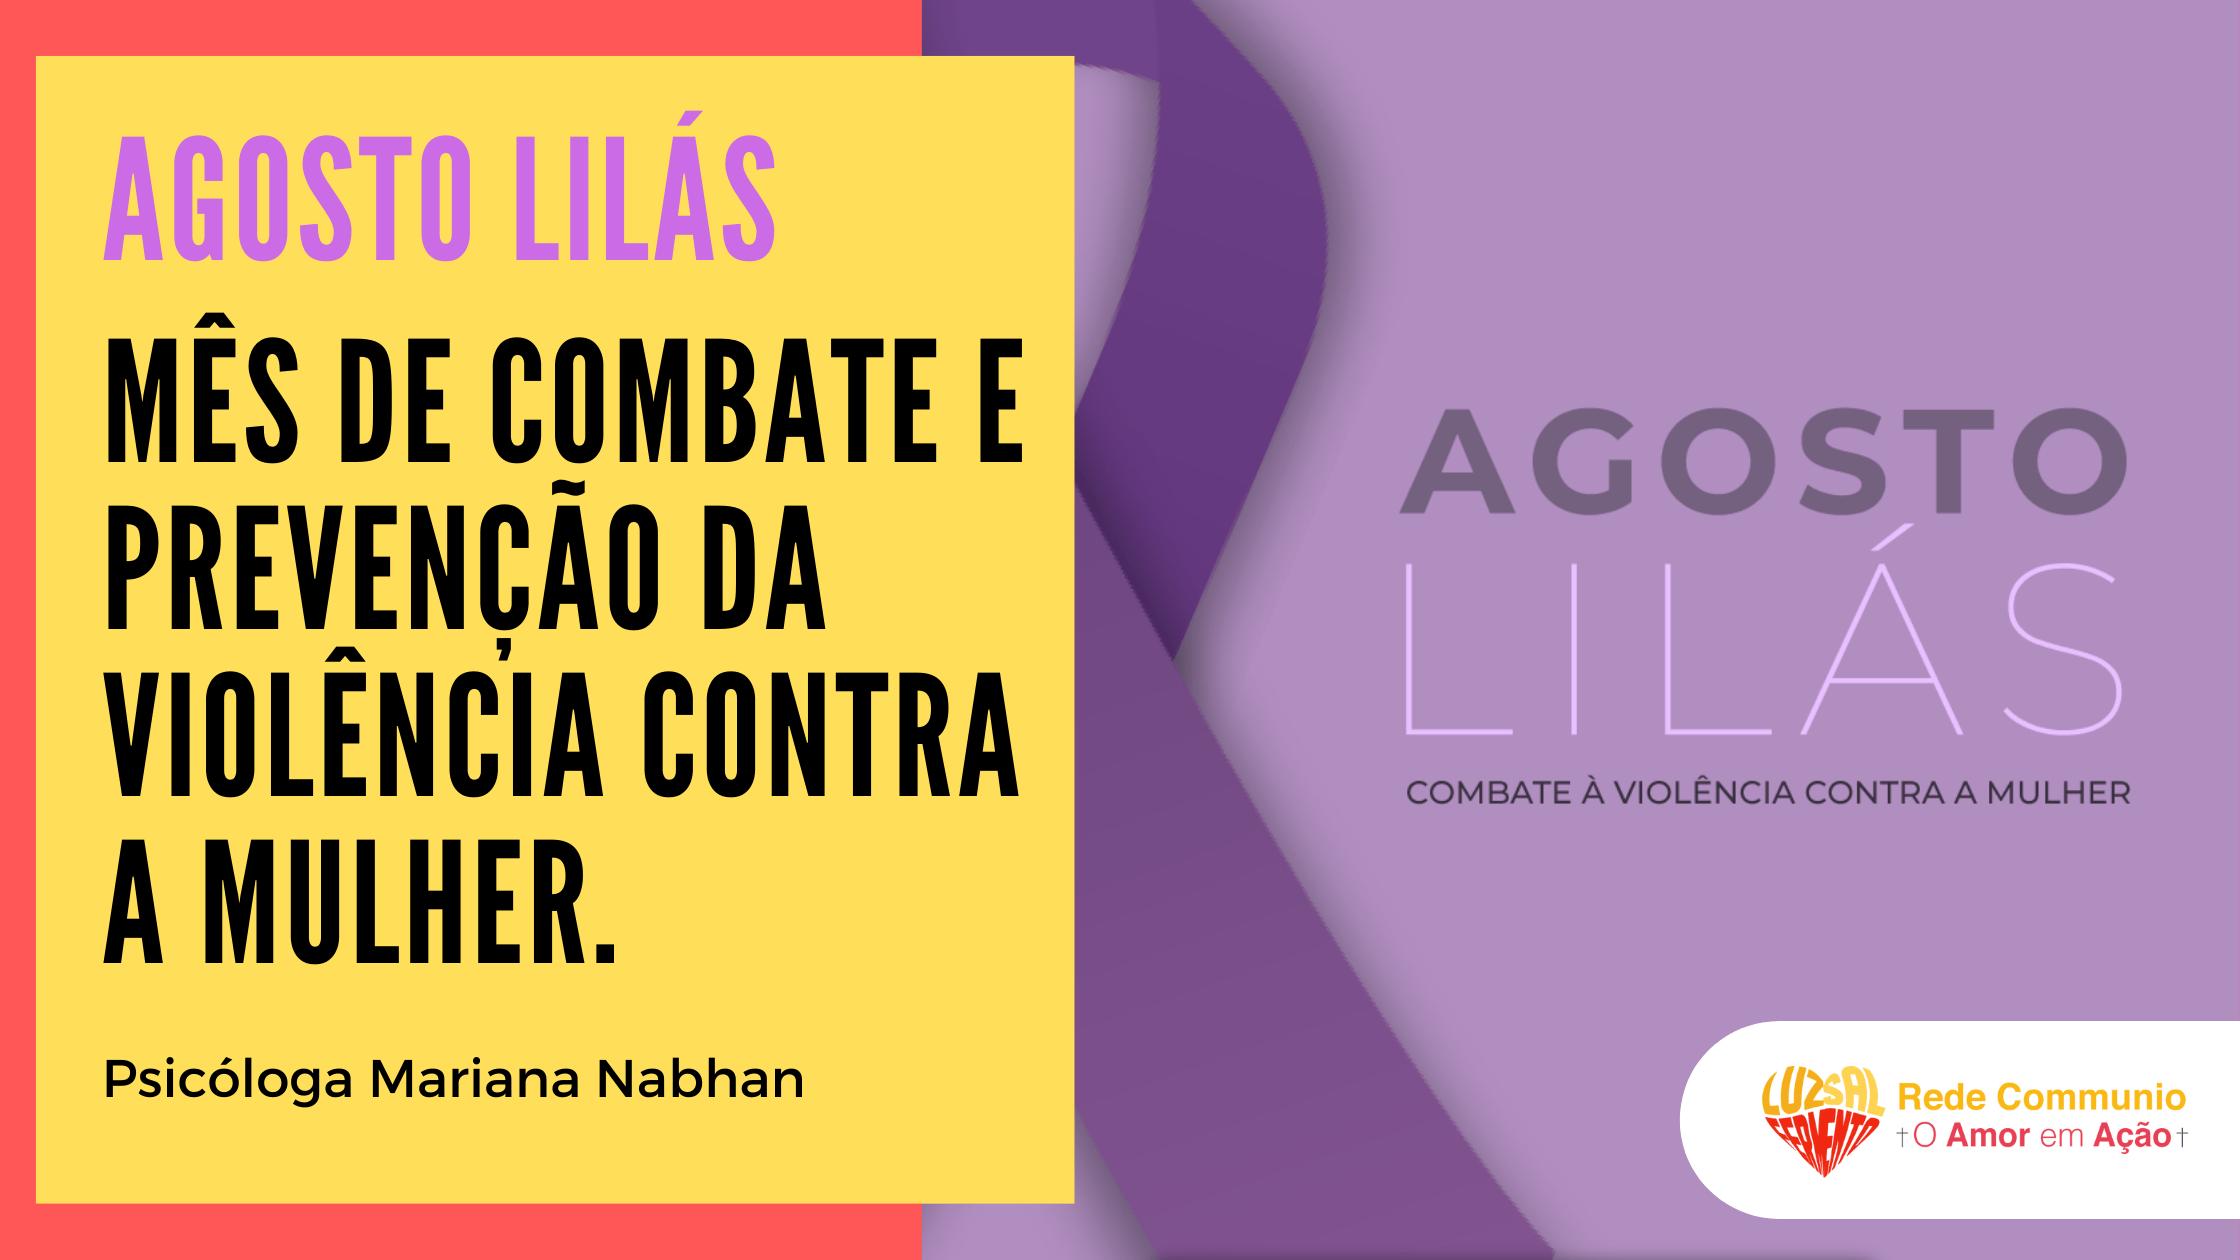 Agosto Lilás - Mês de combate e prevenção da violência contra a mulher.